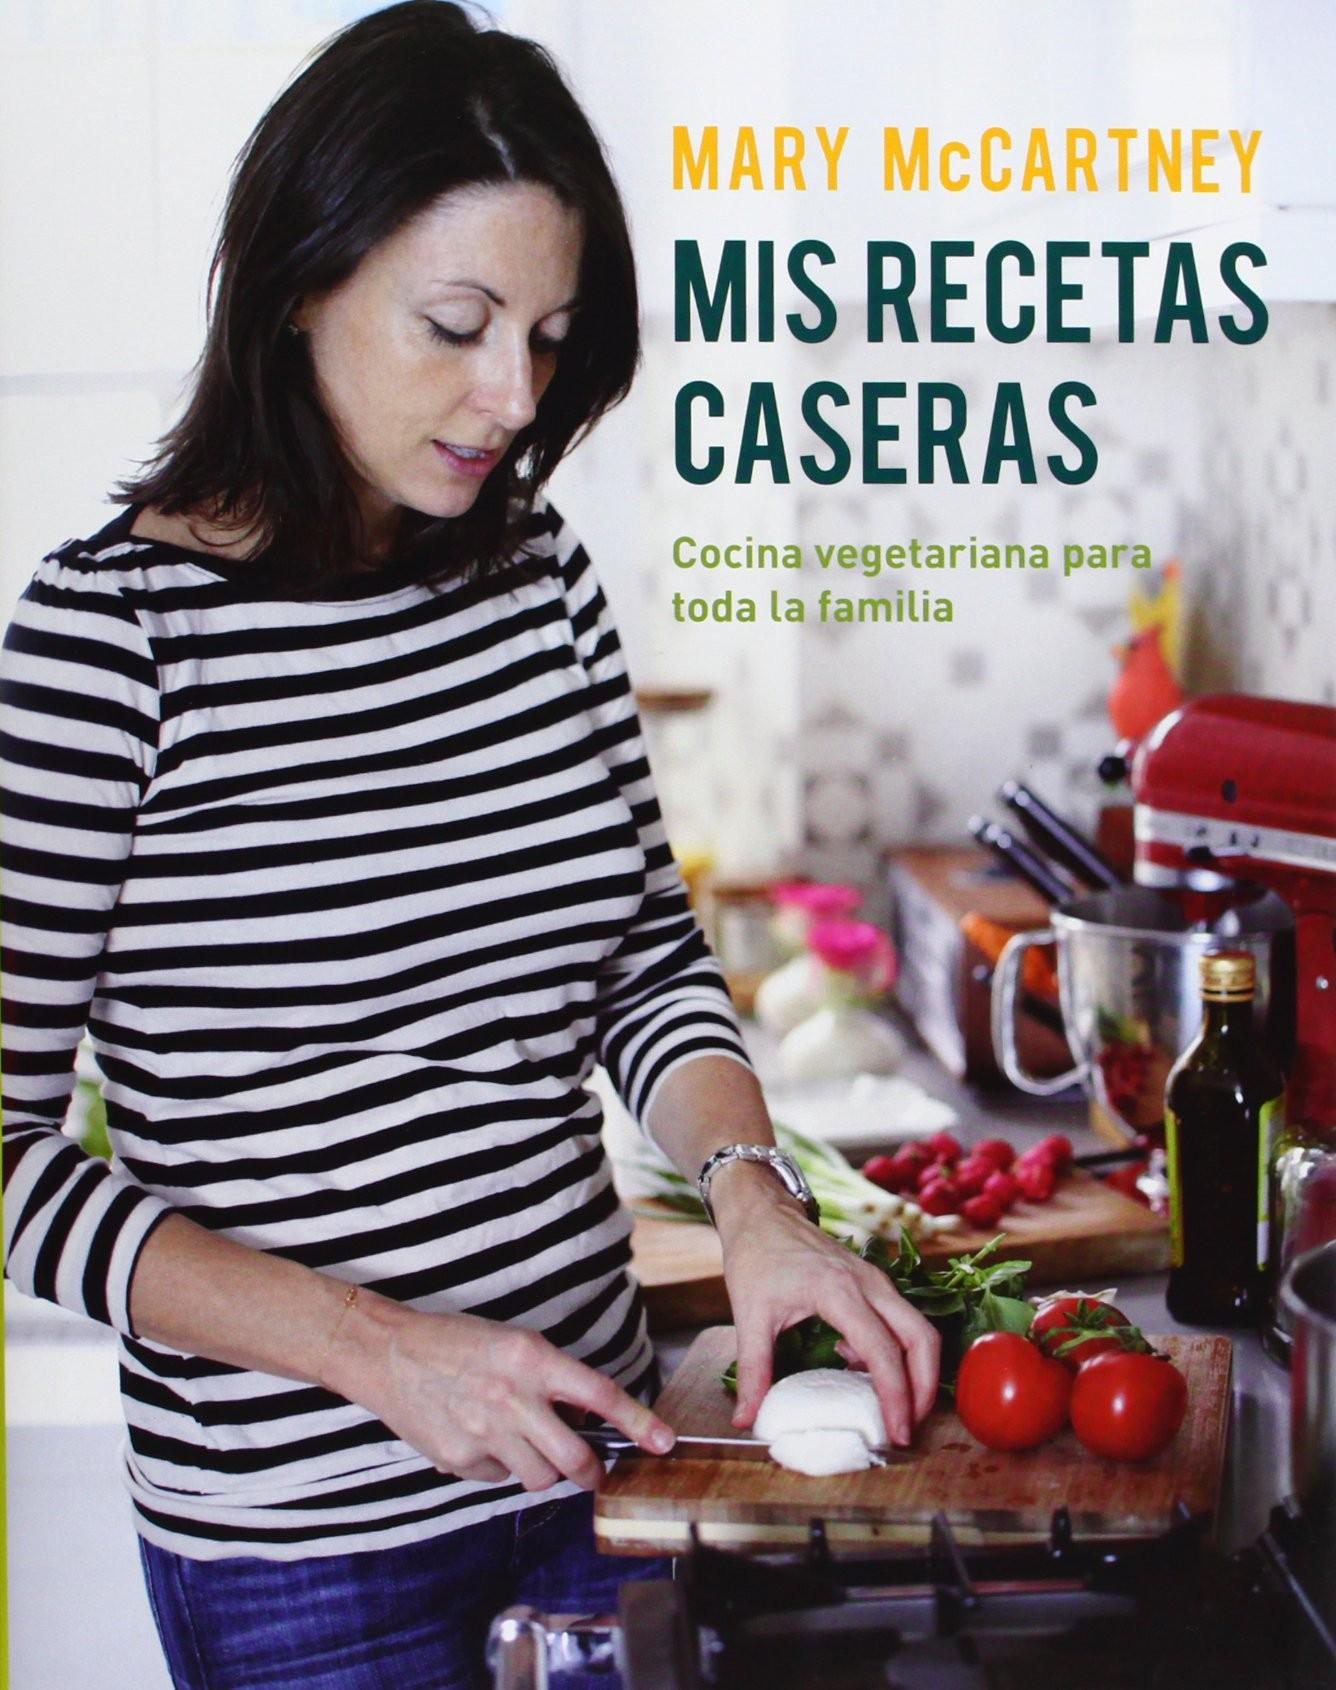 Portada de Mary McCartney, Mis recetas caseras